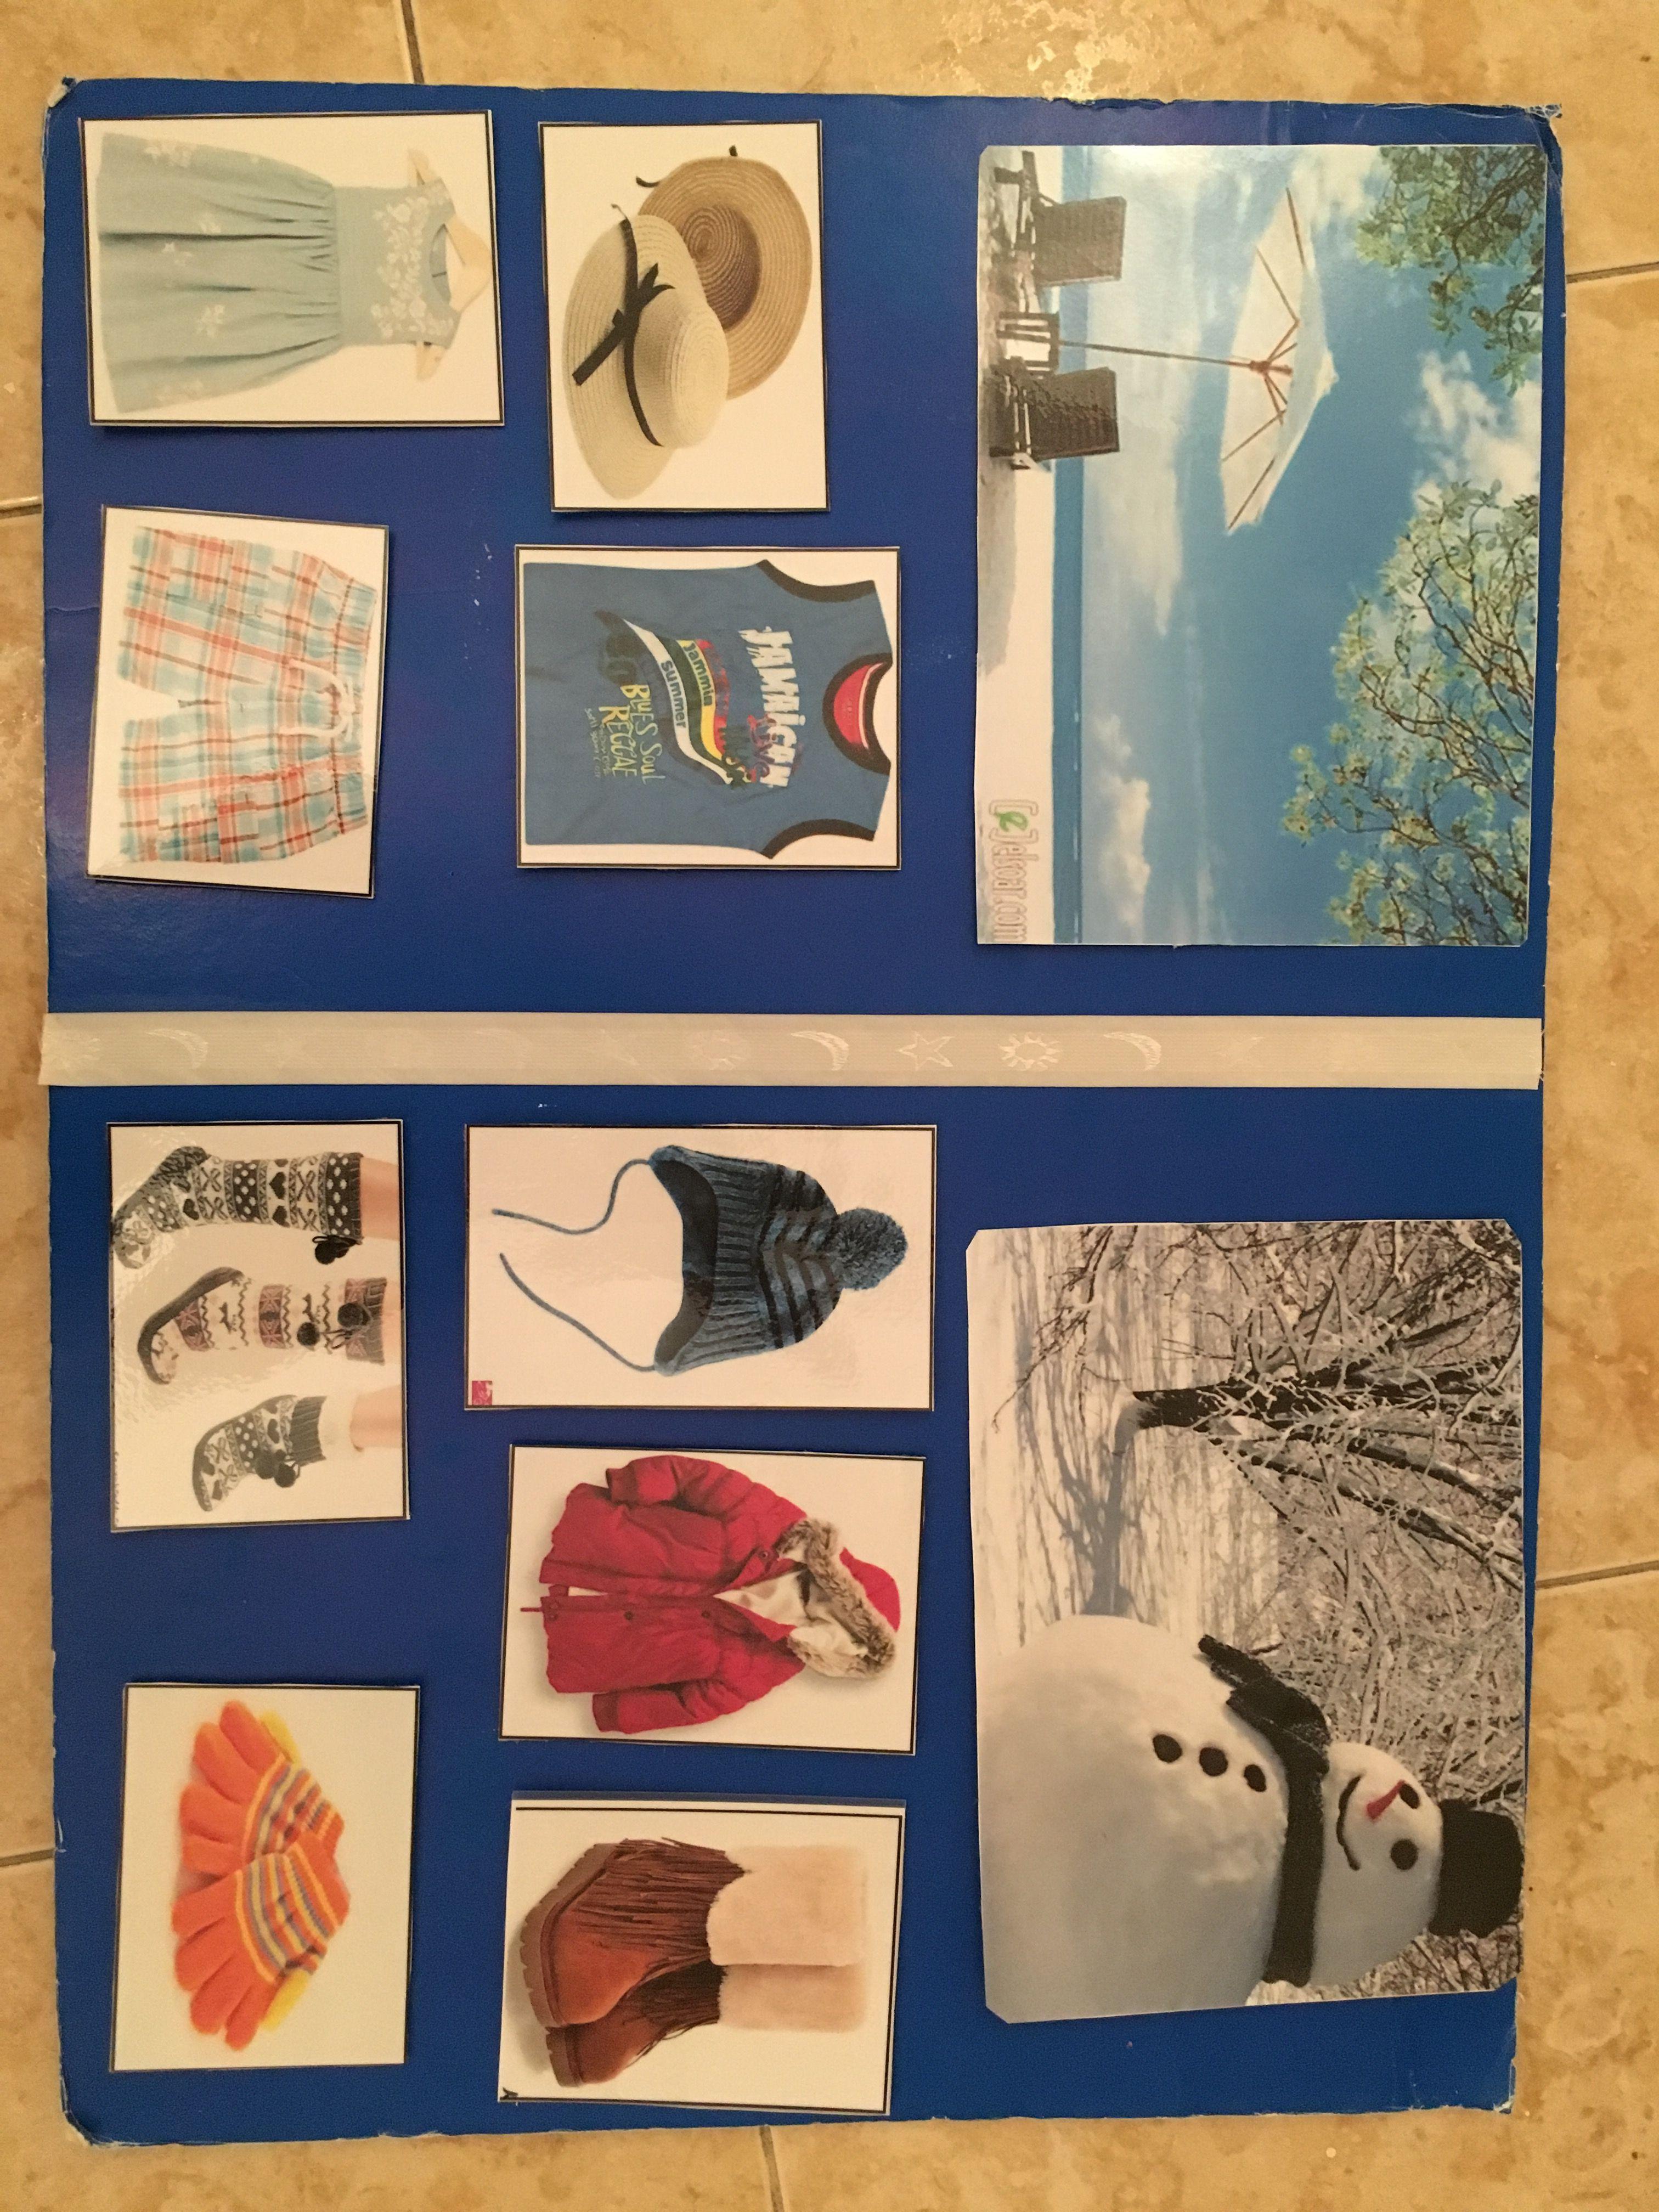 وحدة الملبس يختار الطفل من بين قطع الملابس المختلفه الملابس التي تلبس في الشتاء والملابس التي تلبس في الصيف Easy Crafts For Kids Easy Kids Crafts For Kids